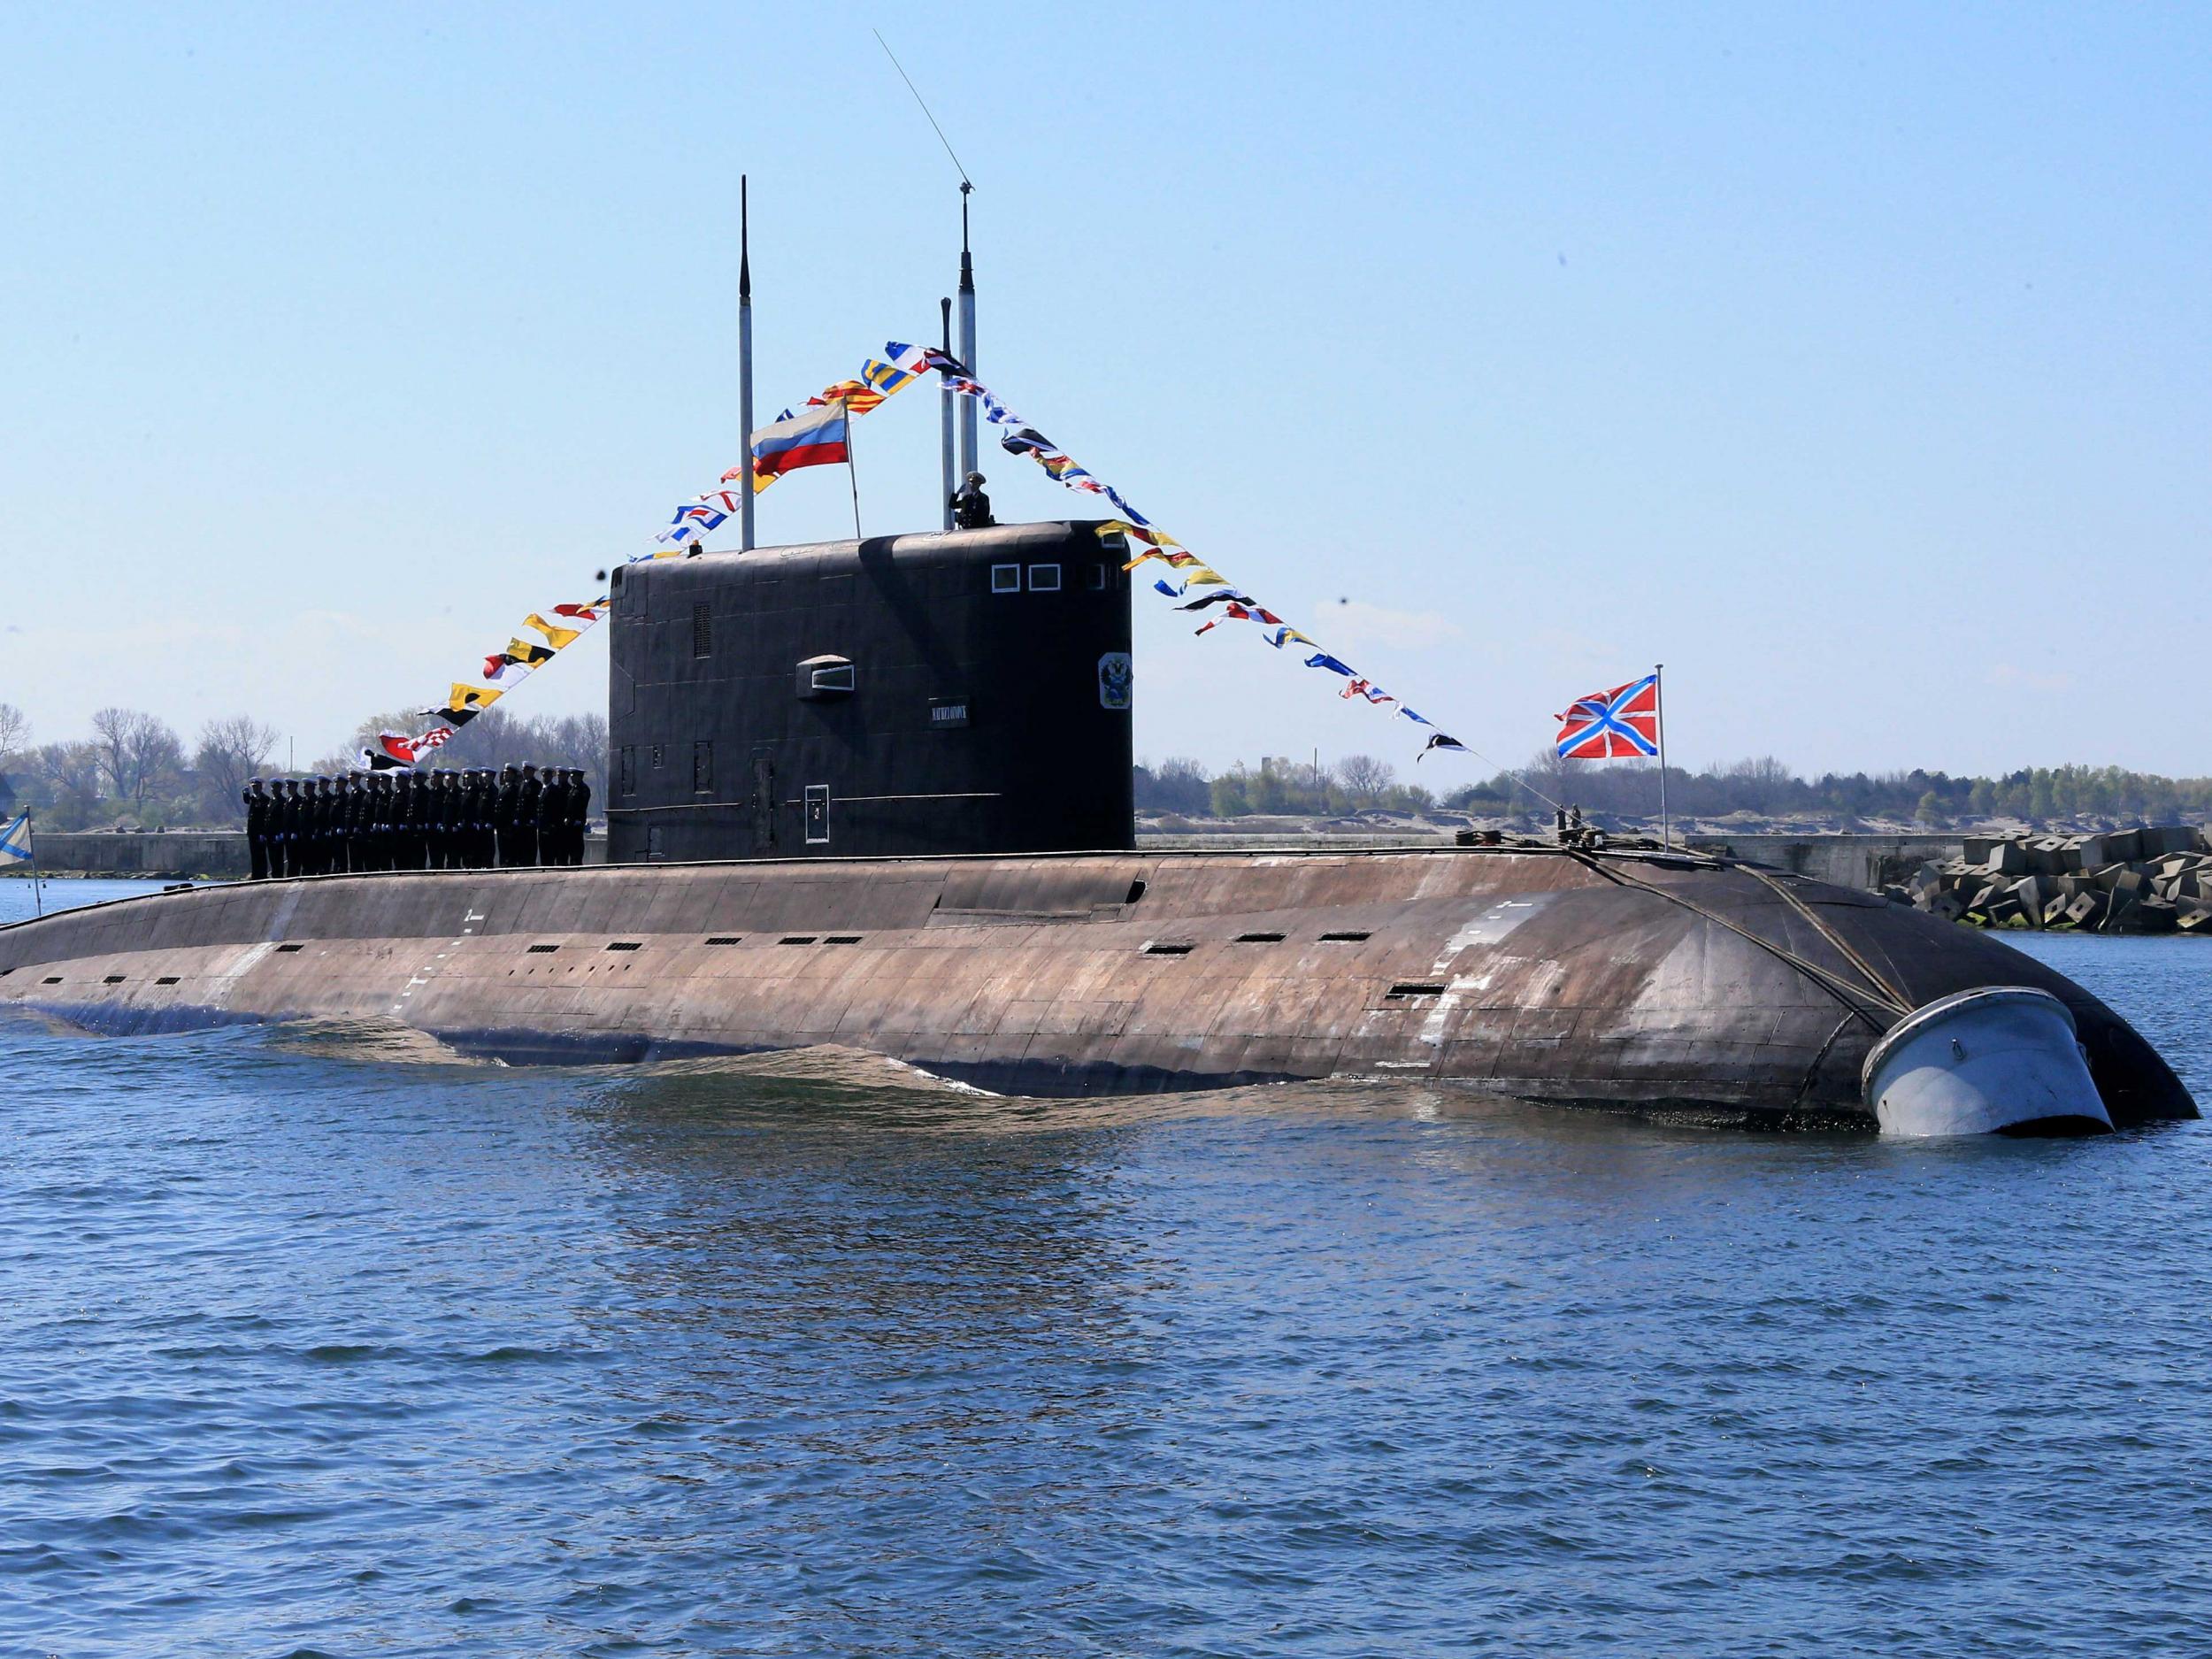 British sailors noticed Russian submarines in the Mediterranean Sea 10/30/2016 5